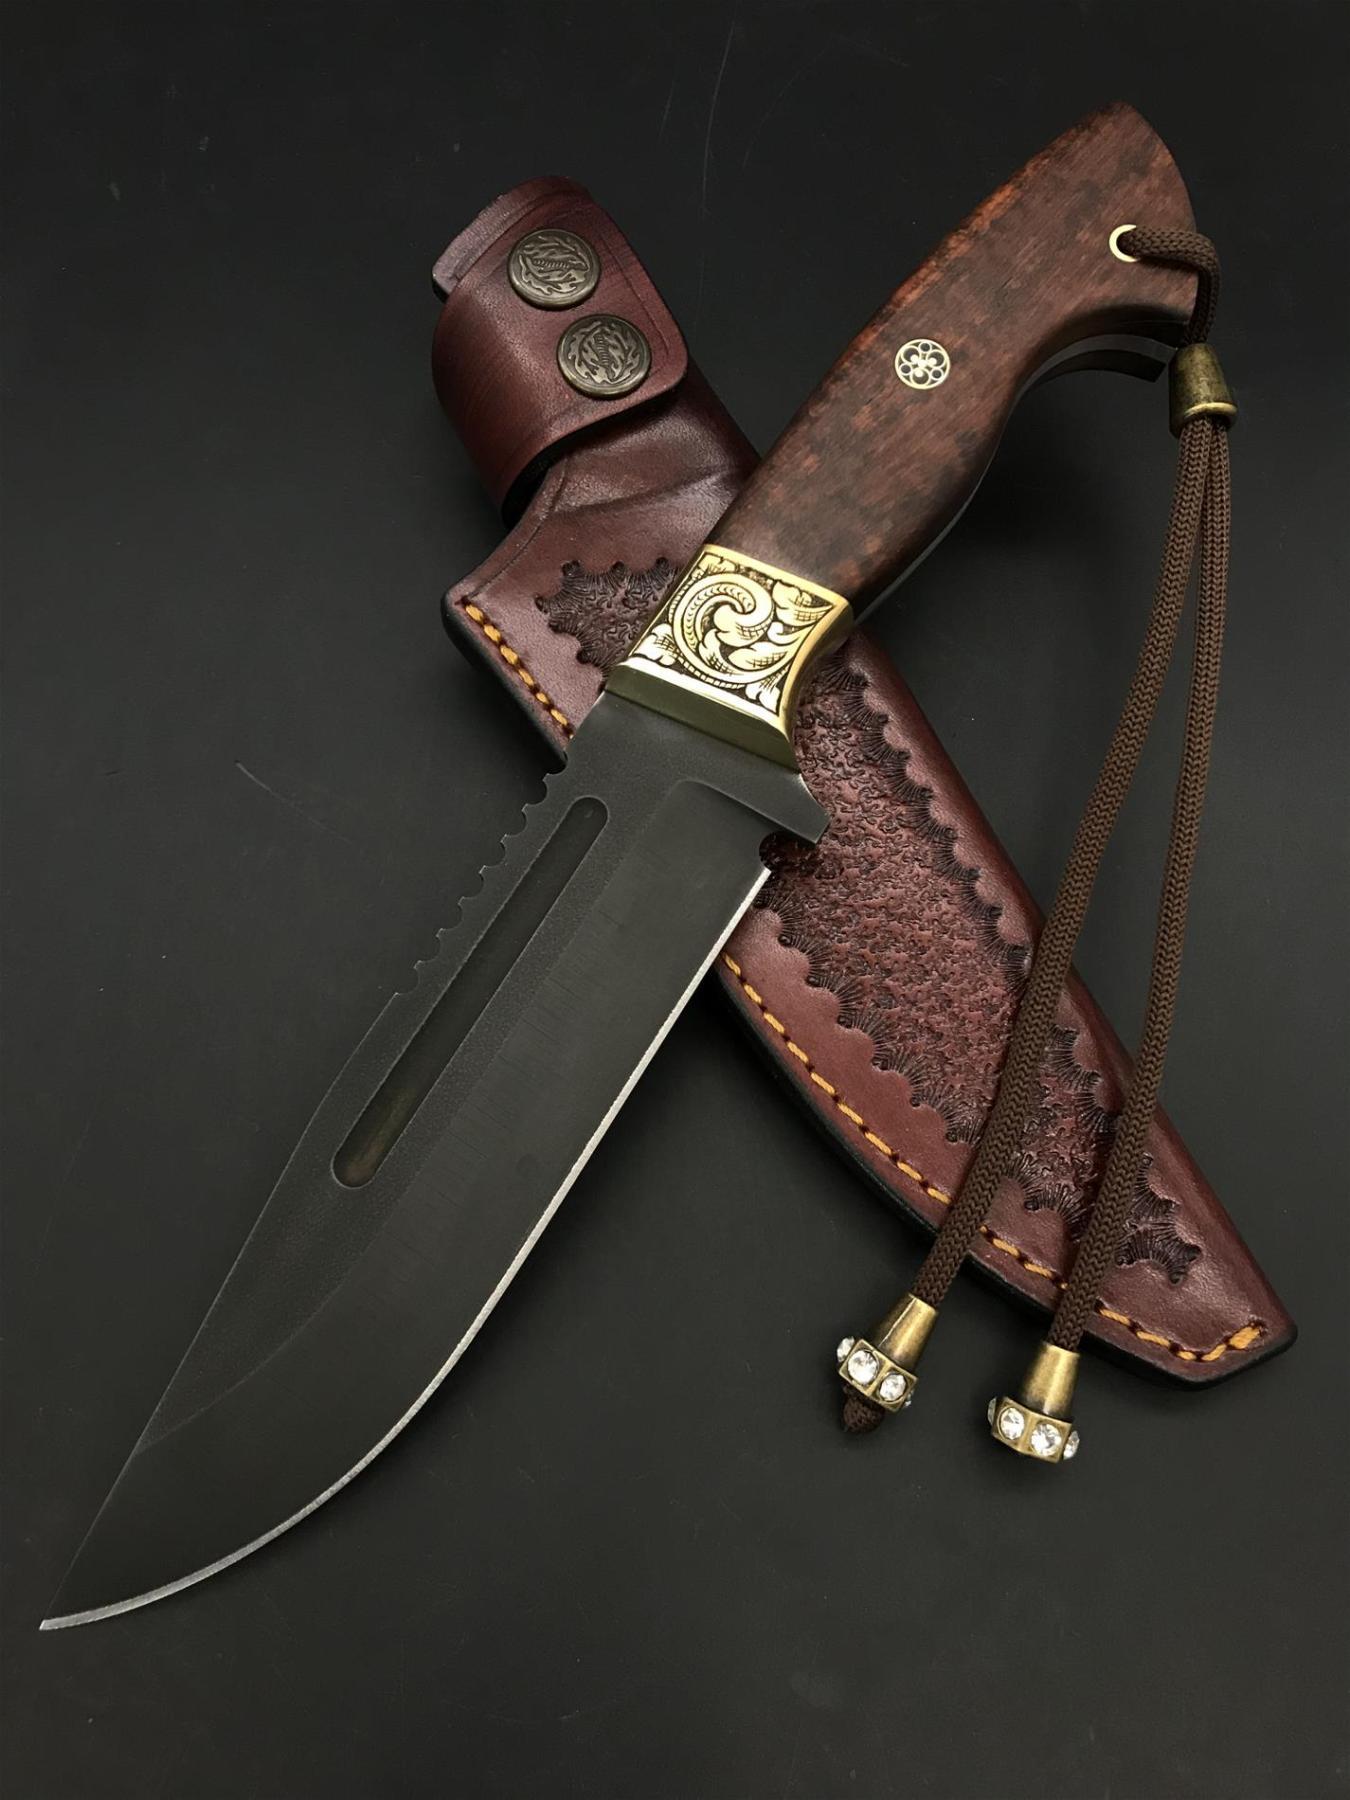 Handmade Engraved Uddeholm Sleipner Knife TK92